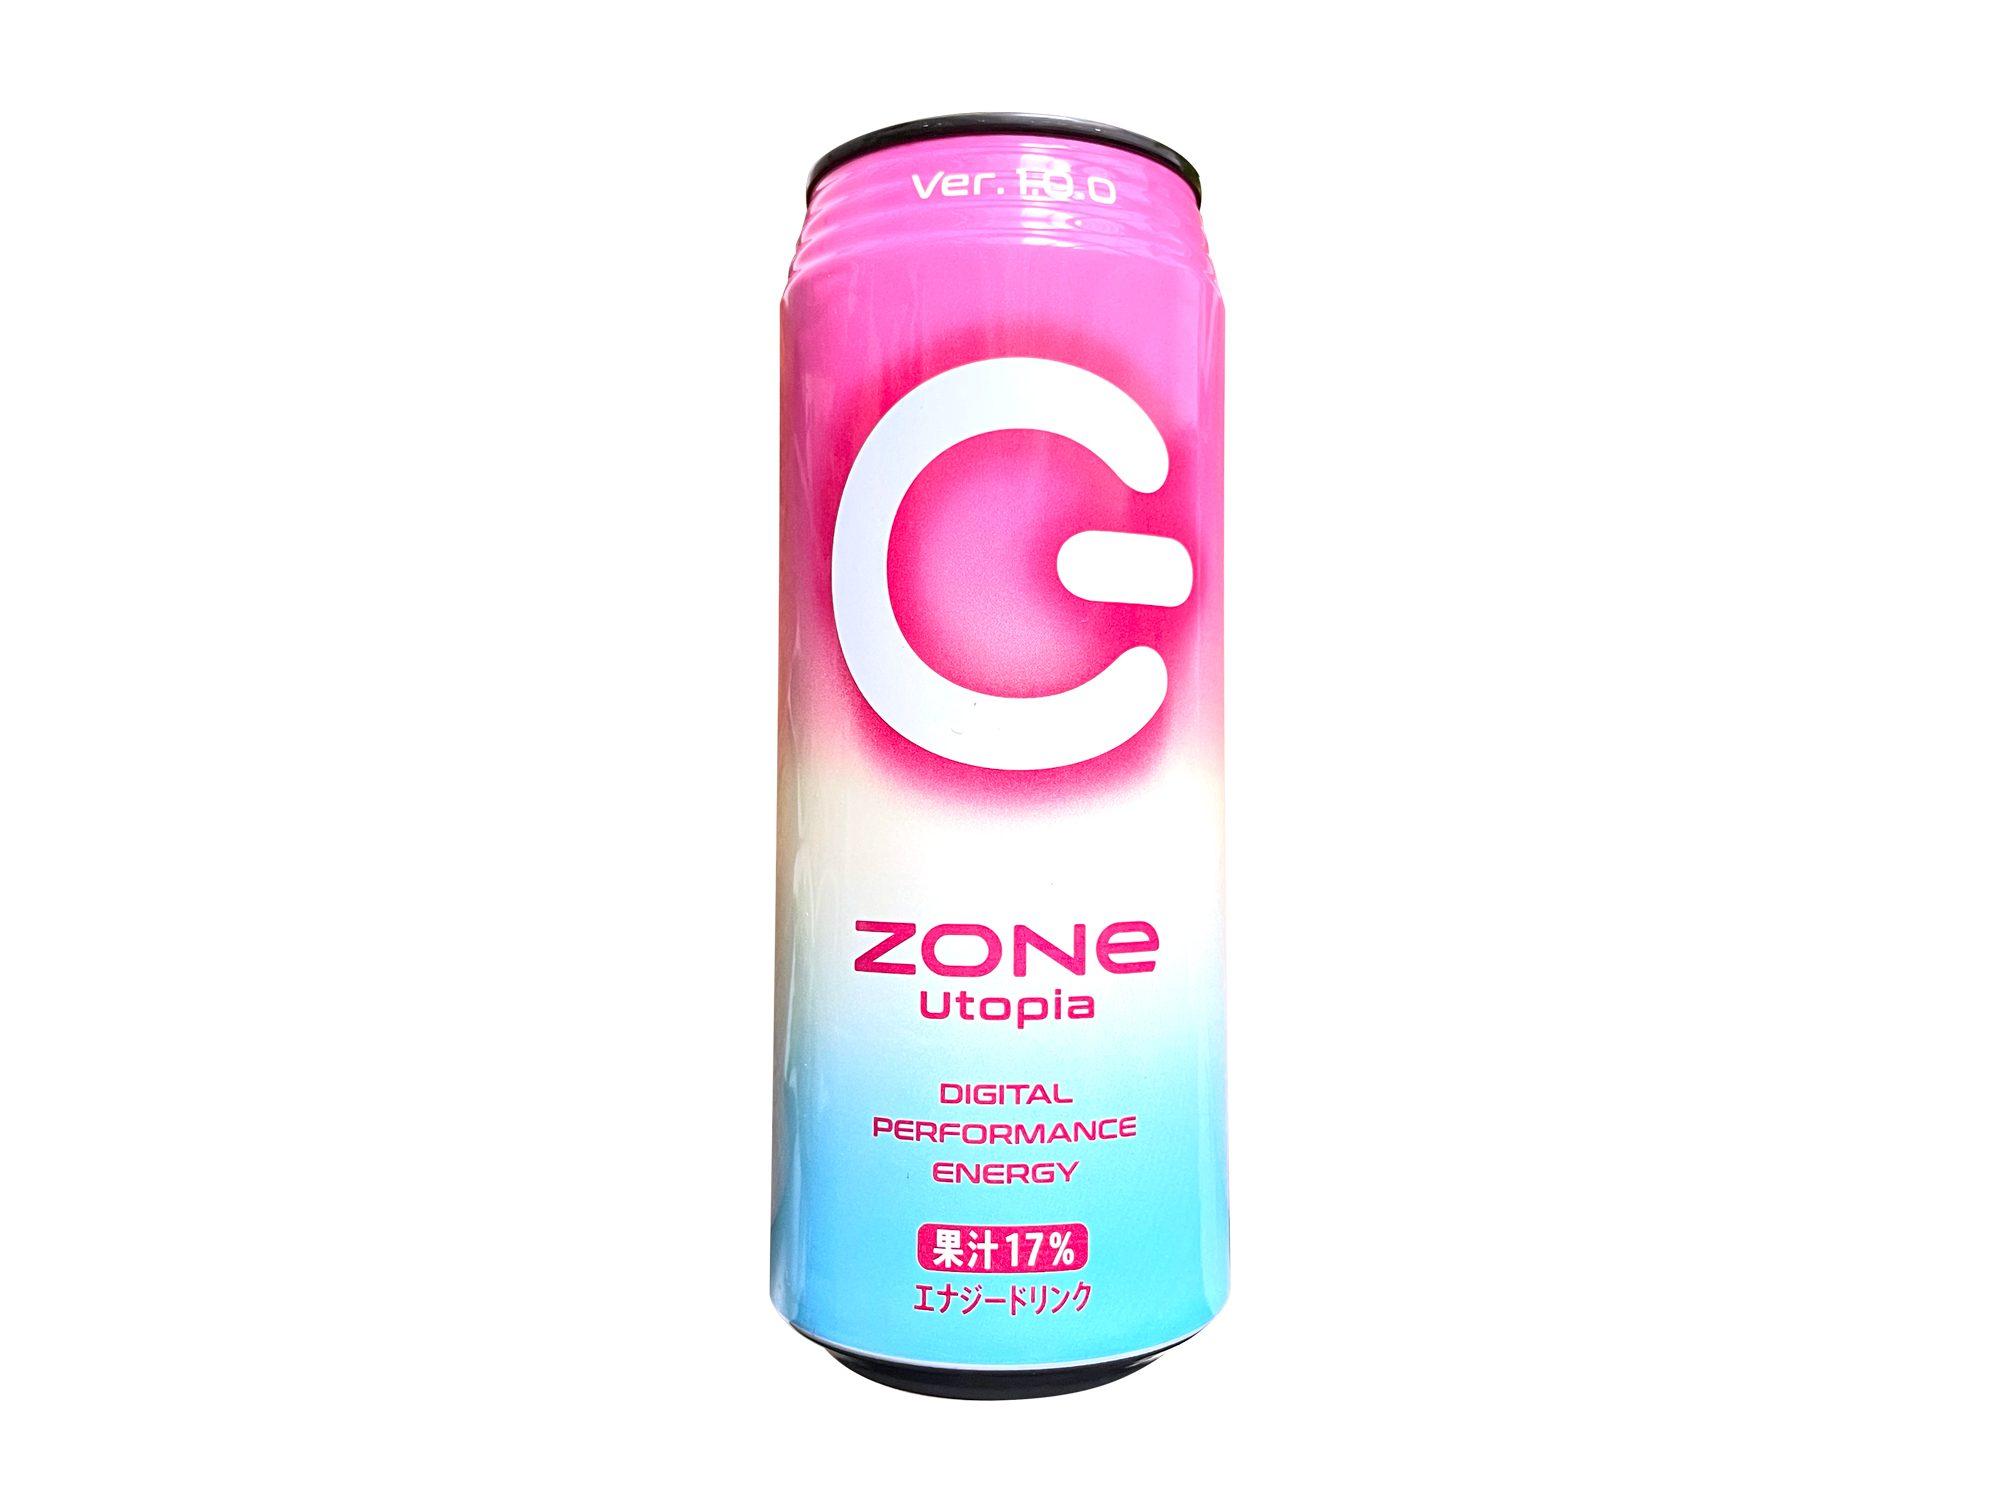 サントリー『ZONe Utopia Ver.1.0.0 500ml』実飲レビュー!3種の果実でフレッシュな香りが楽しめる果汁系エナジードリンク◎